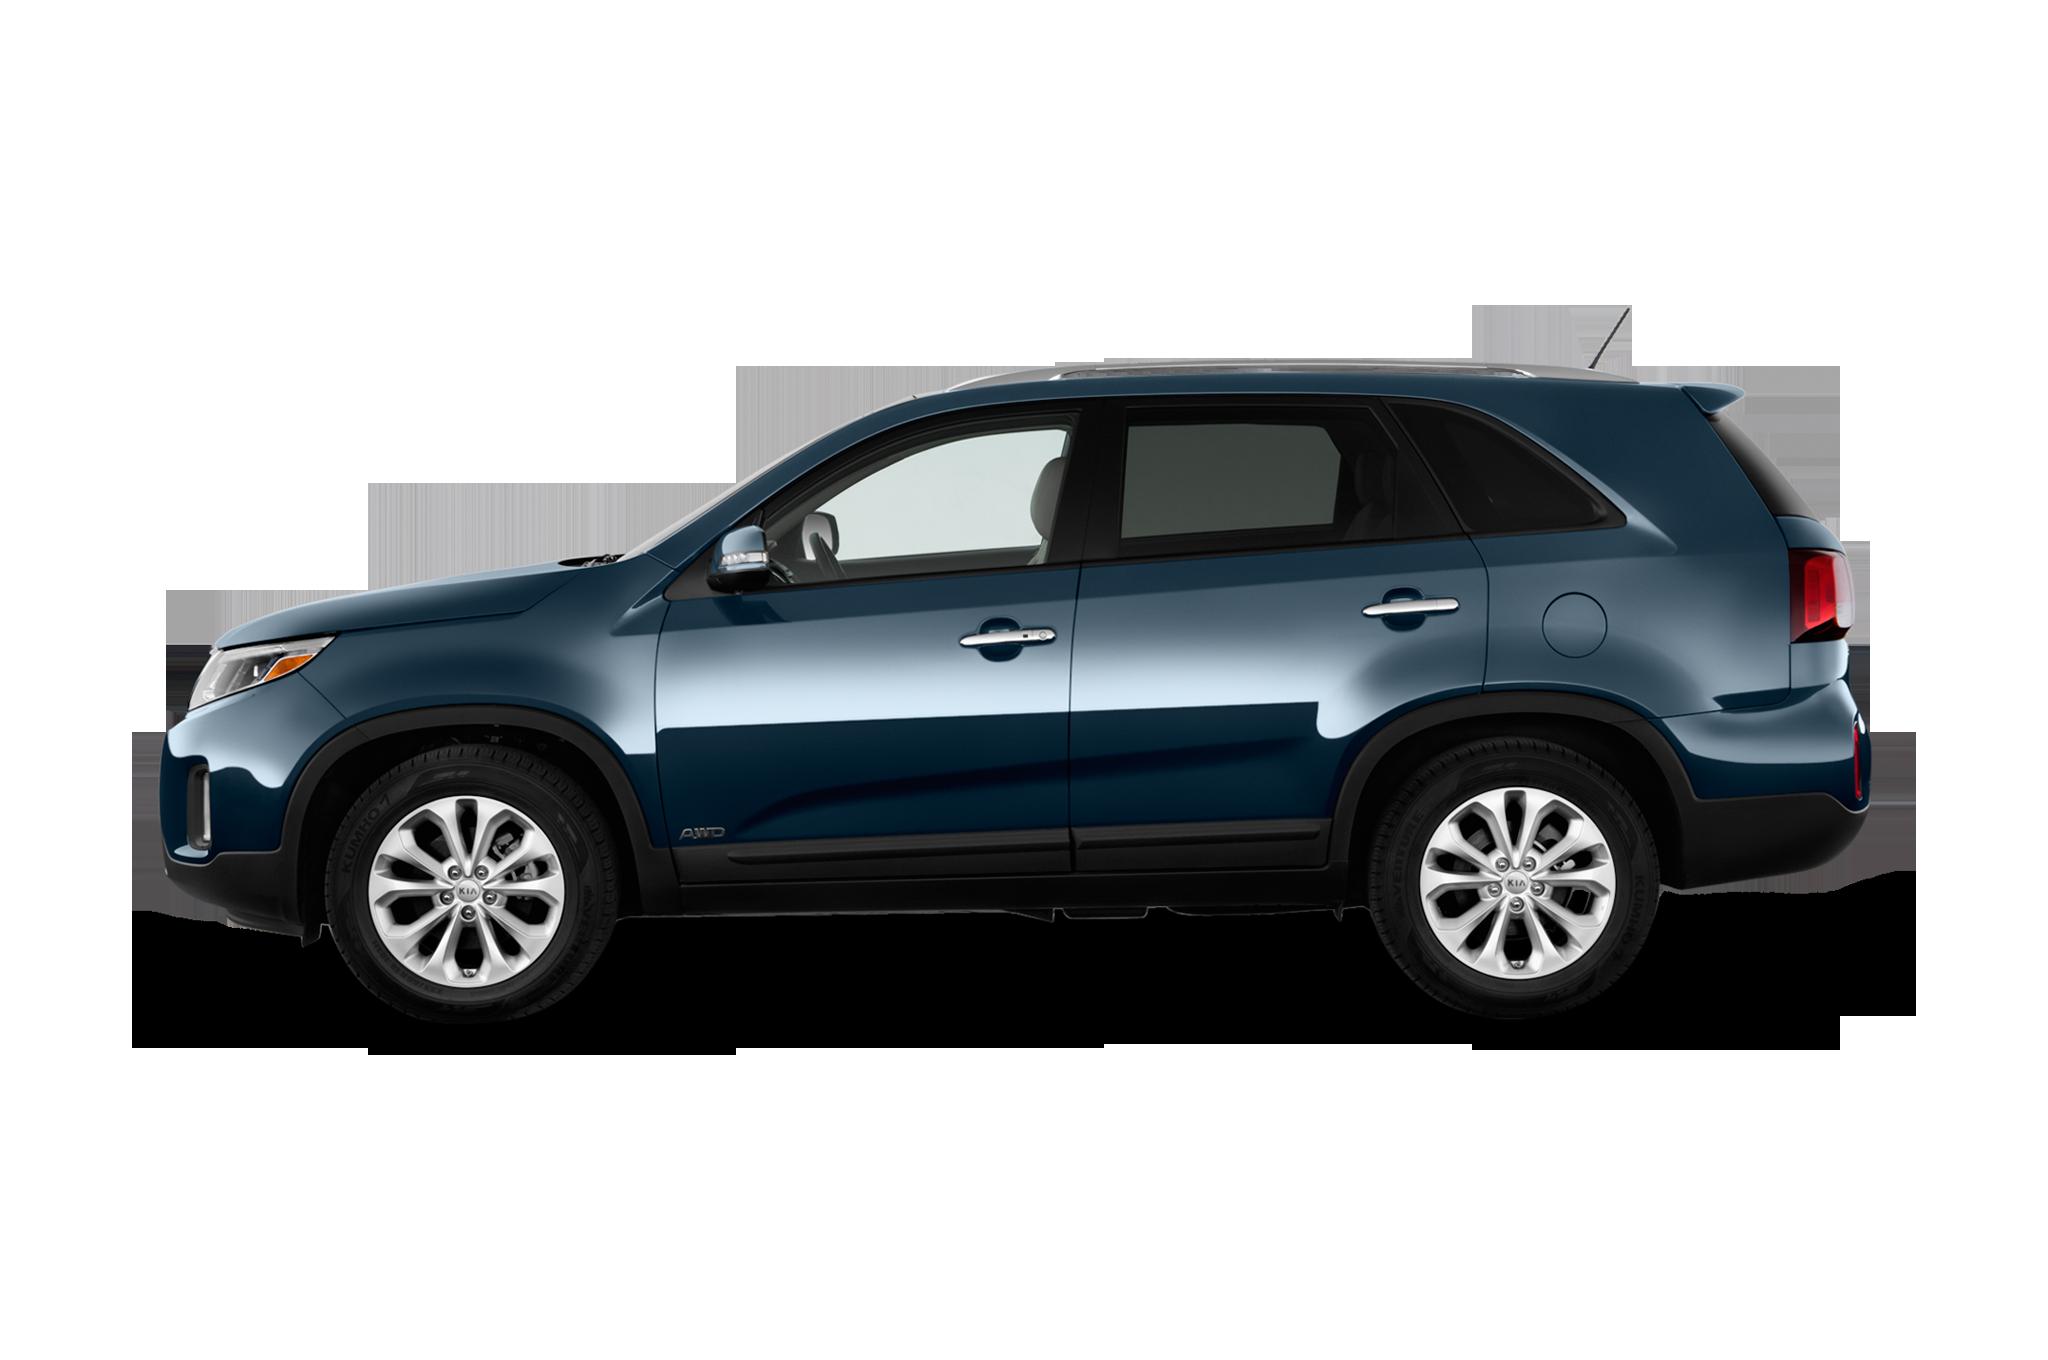 redesign price engine specs new car changes review reviews sorento kia exterior interior usa sorrento